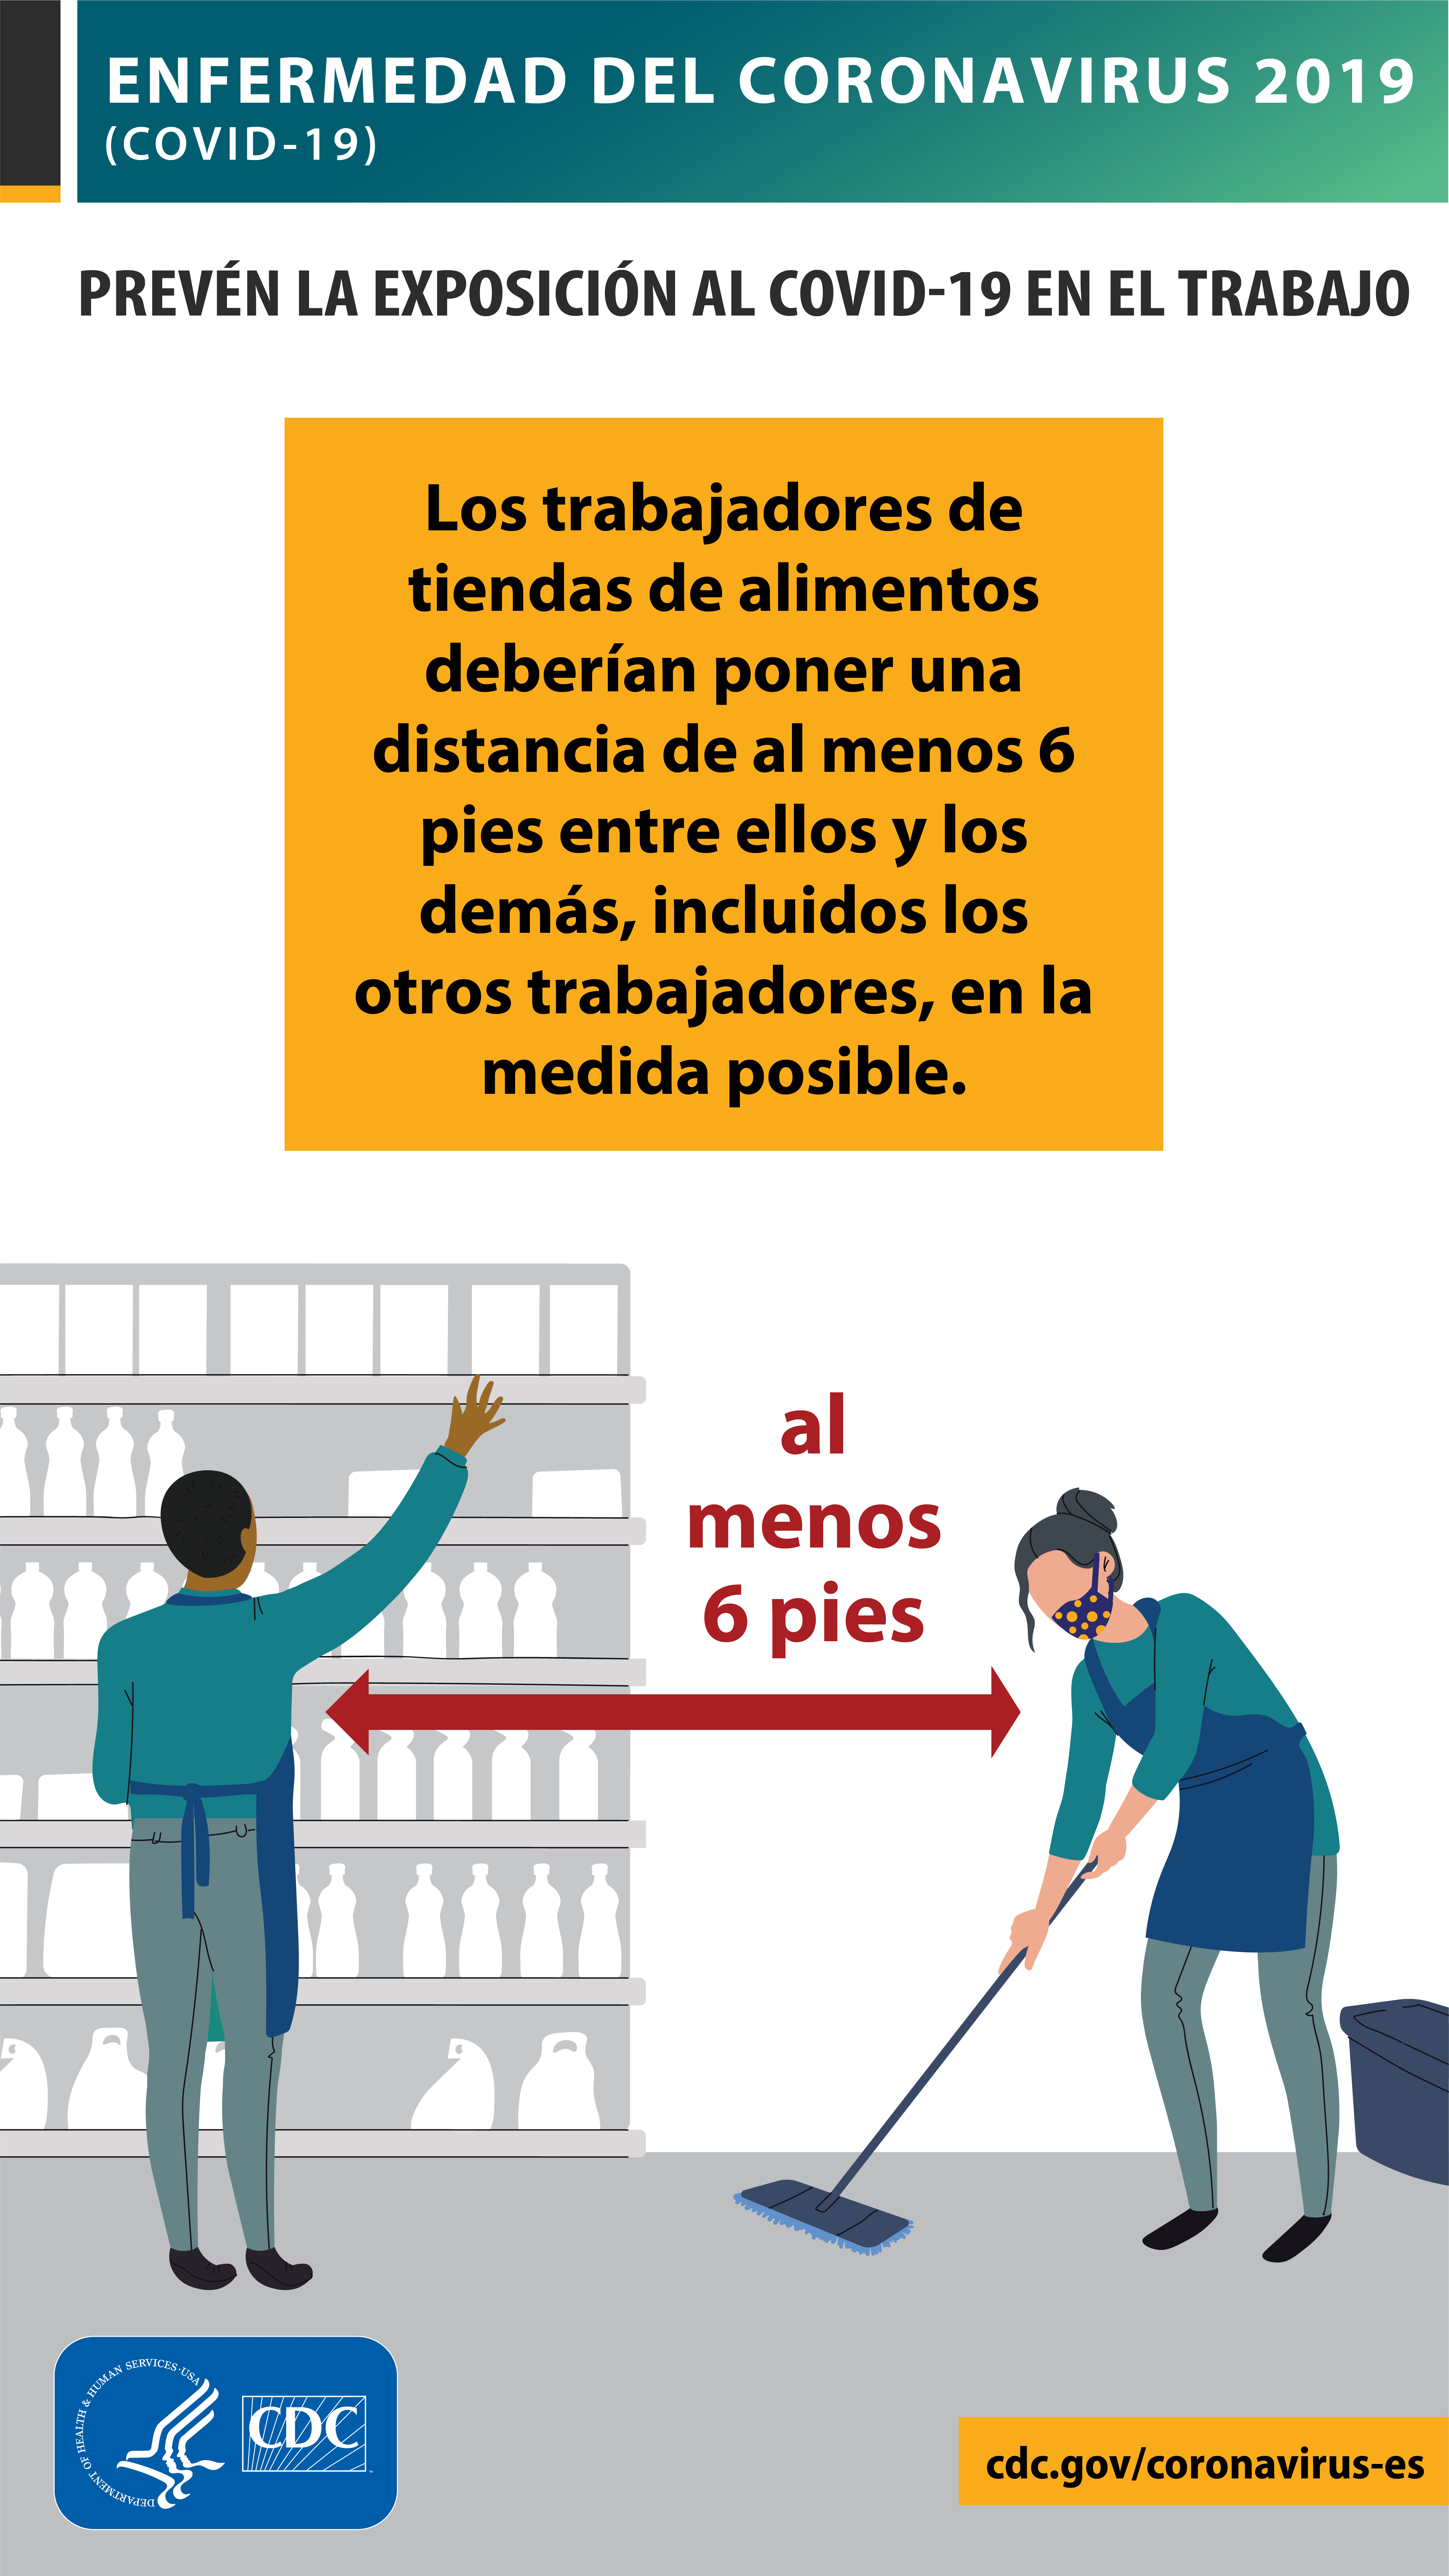 Los trabajadores de tiendas de alimentos podrían estar en